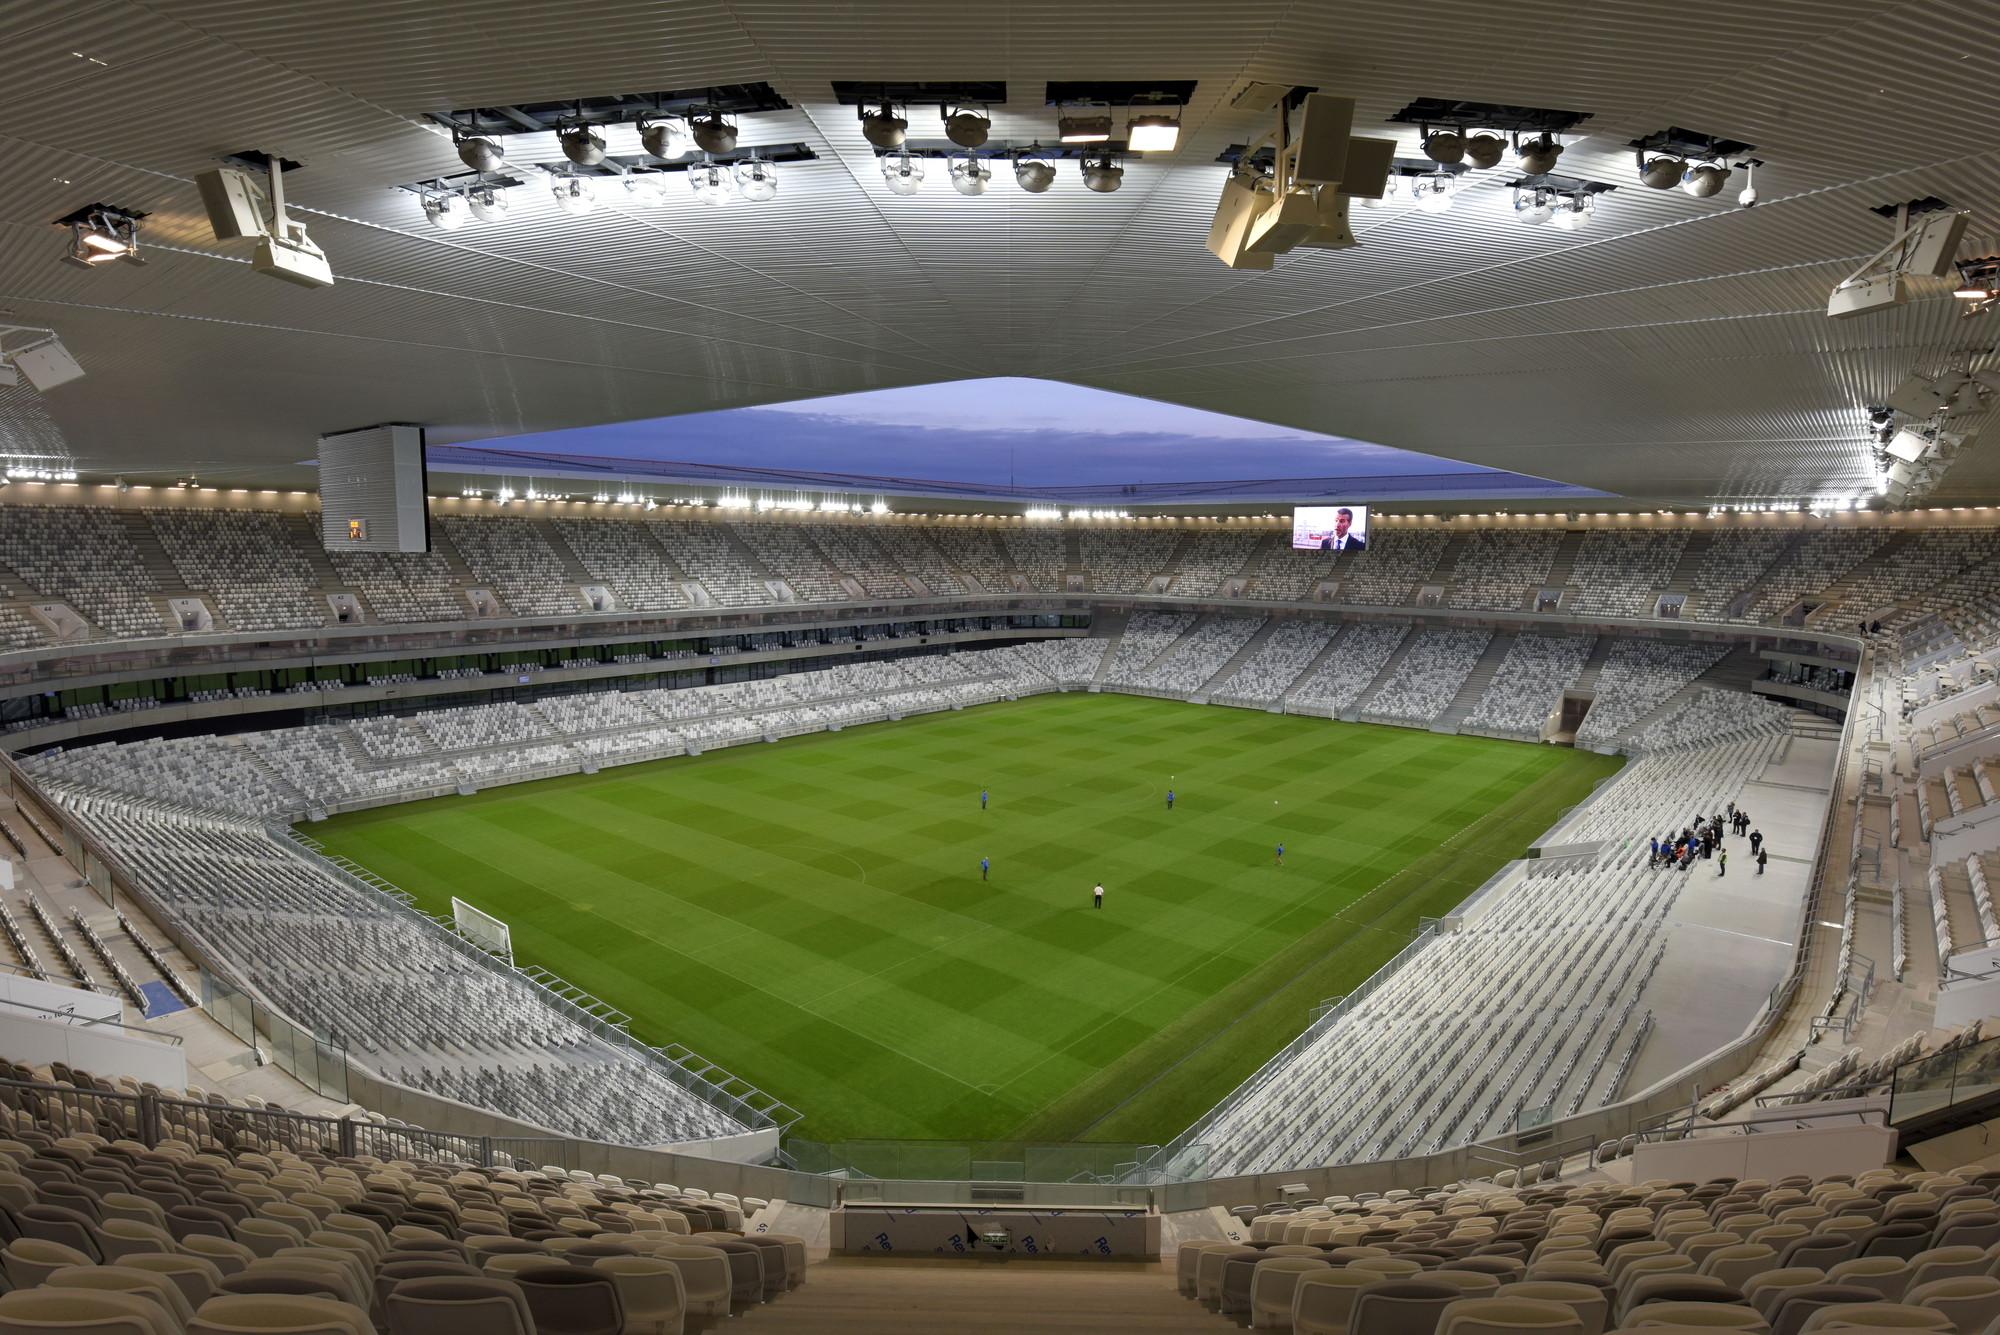 Arquitectura deportiva: Nuevo estadio de Burdeos